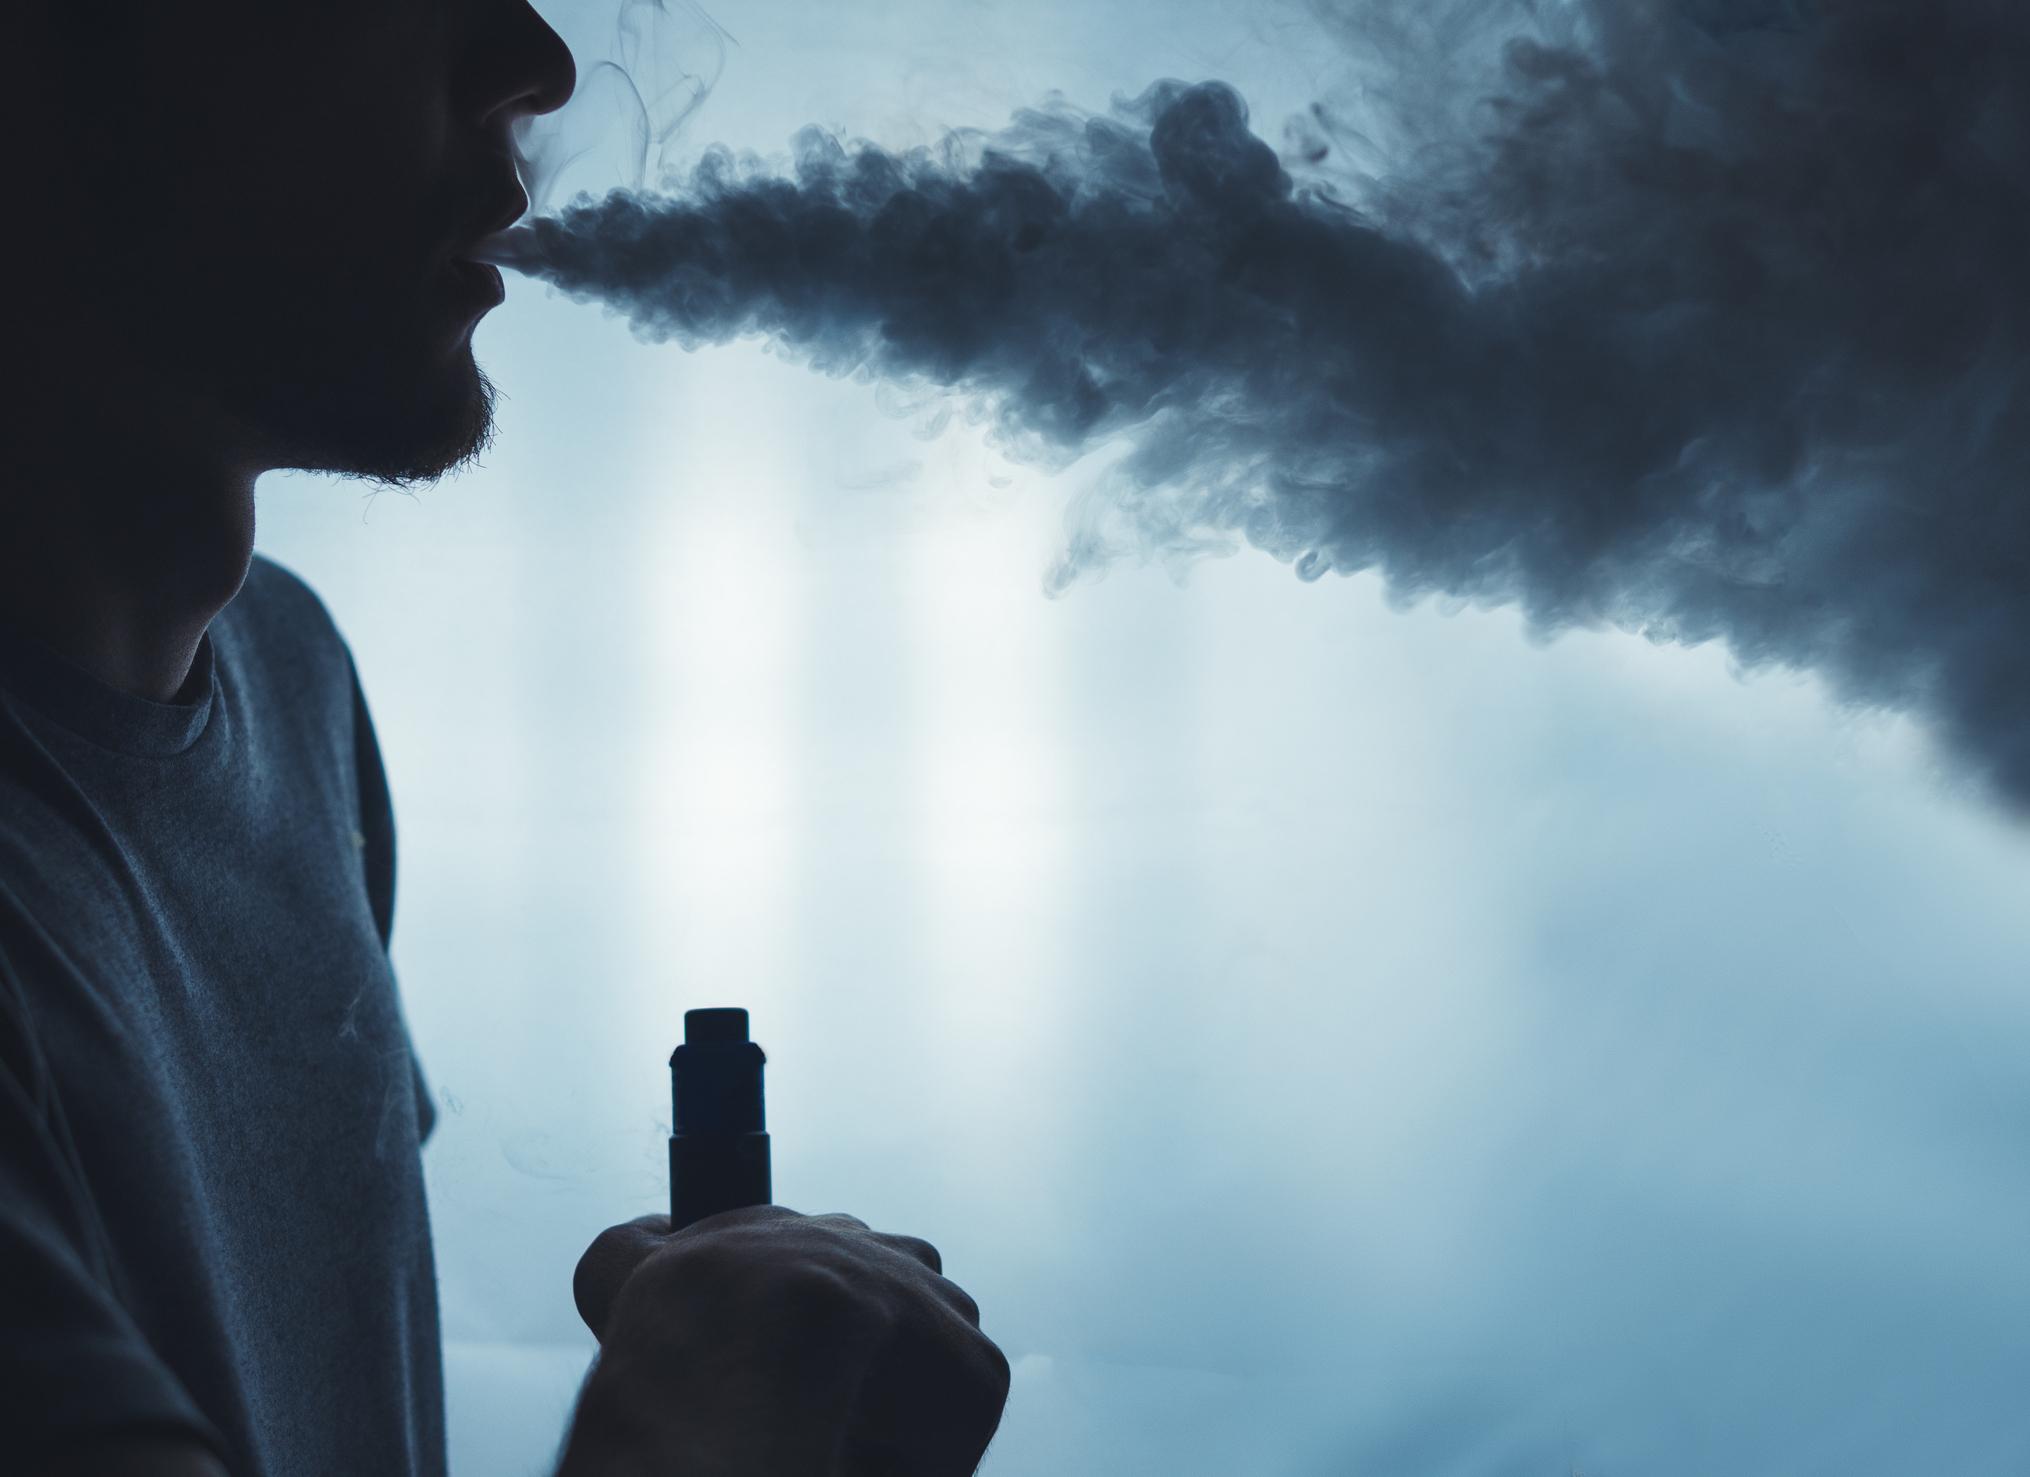 SEC Reportedly Probing Altria's $12.8 Billion Stake in E-Cigarette Maker JUUL | The Motley Fool